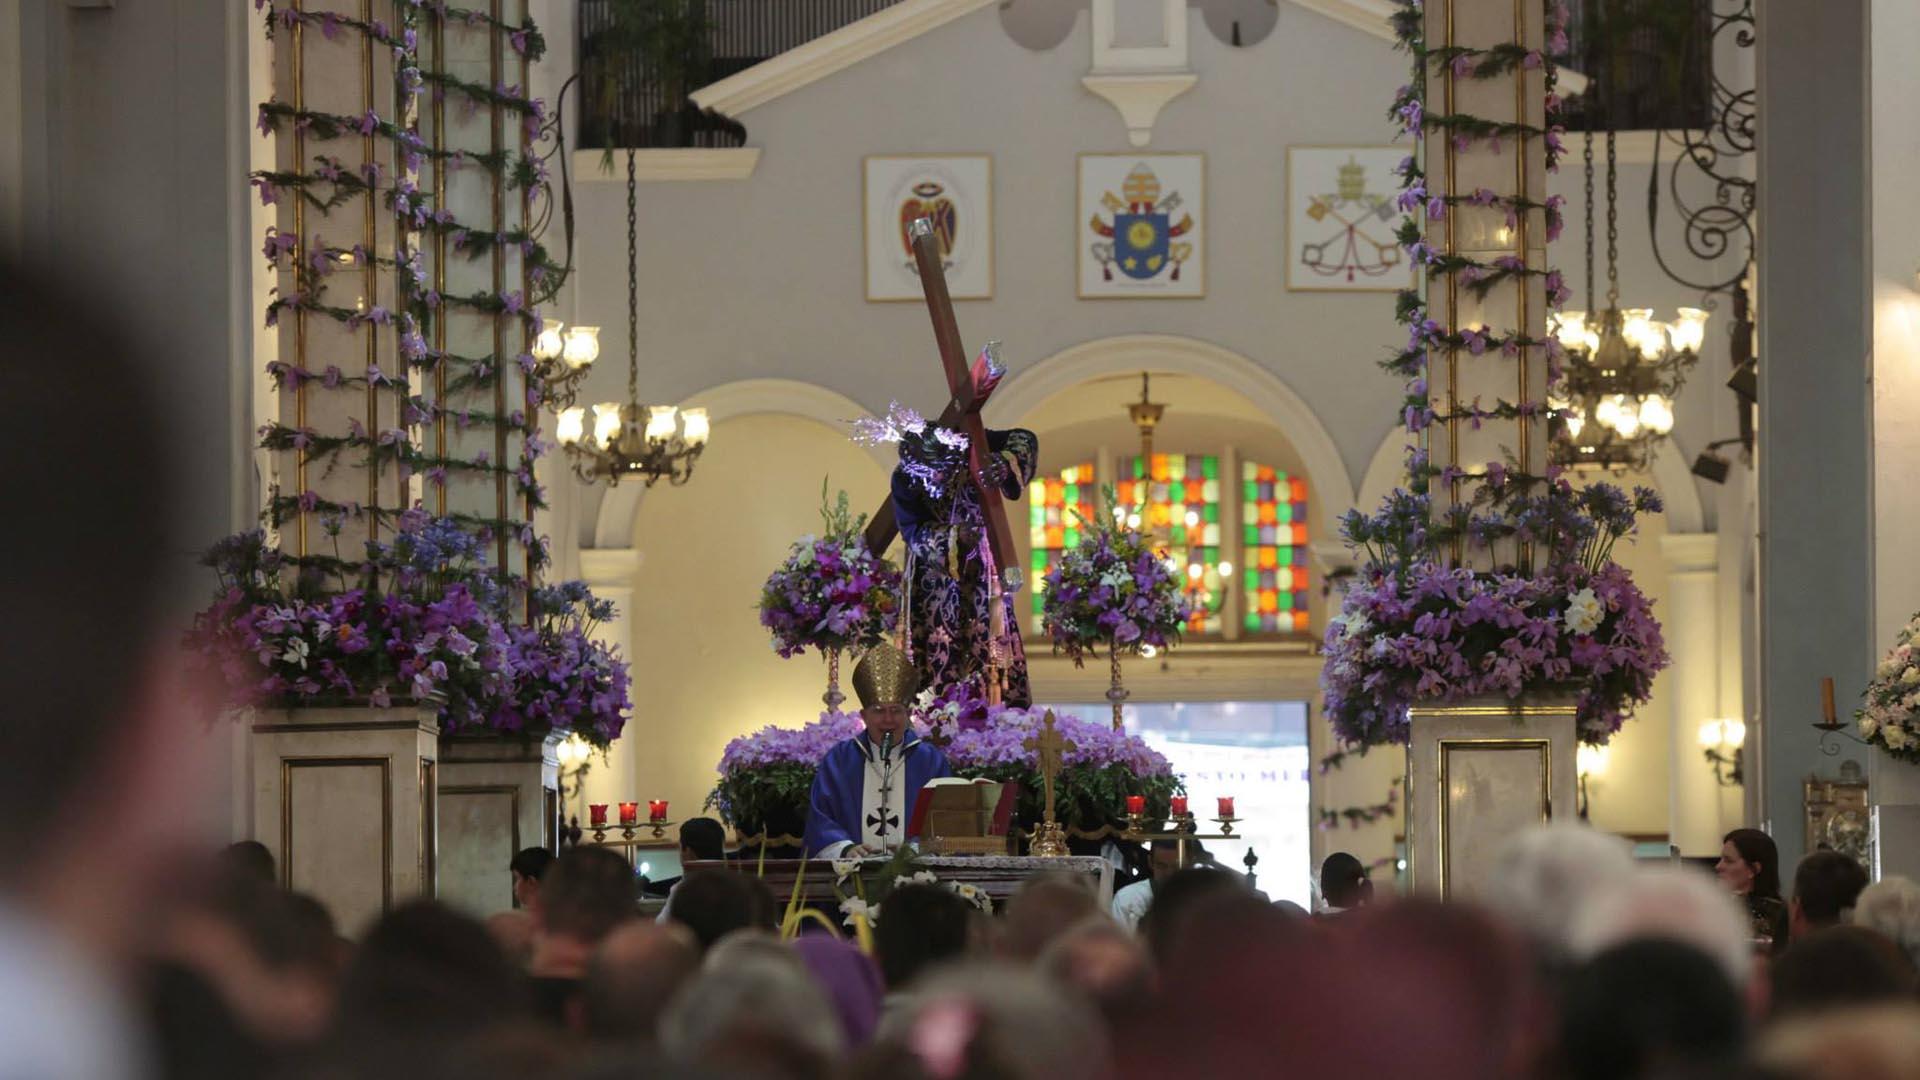 Los feligreses deben tomar precaución para no sufrir ningún percance durante las procesiones de este miércoles y viernes santo